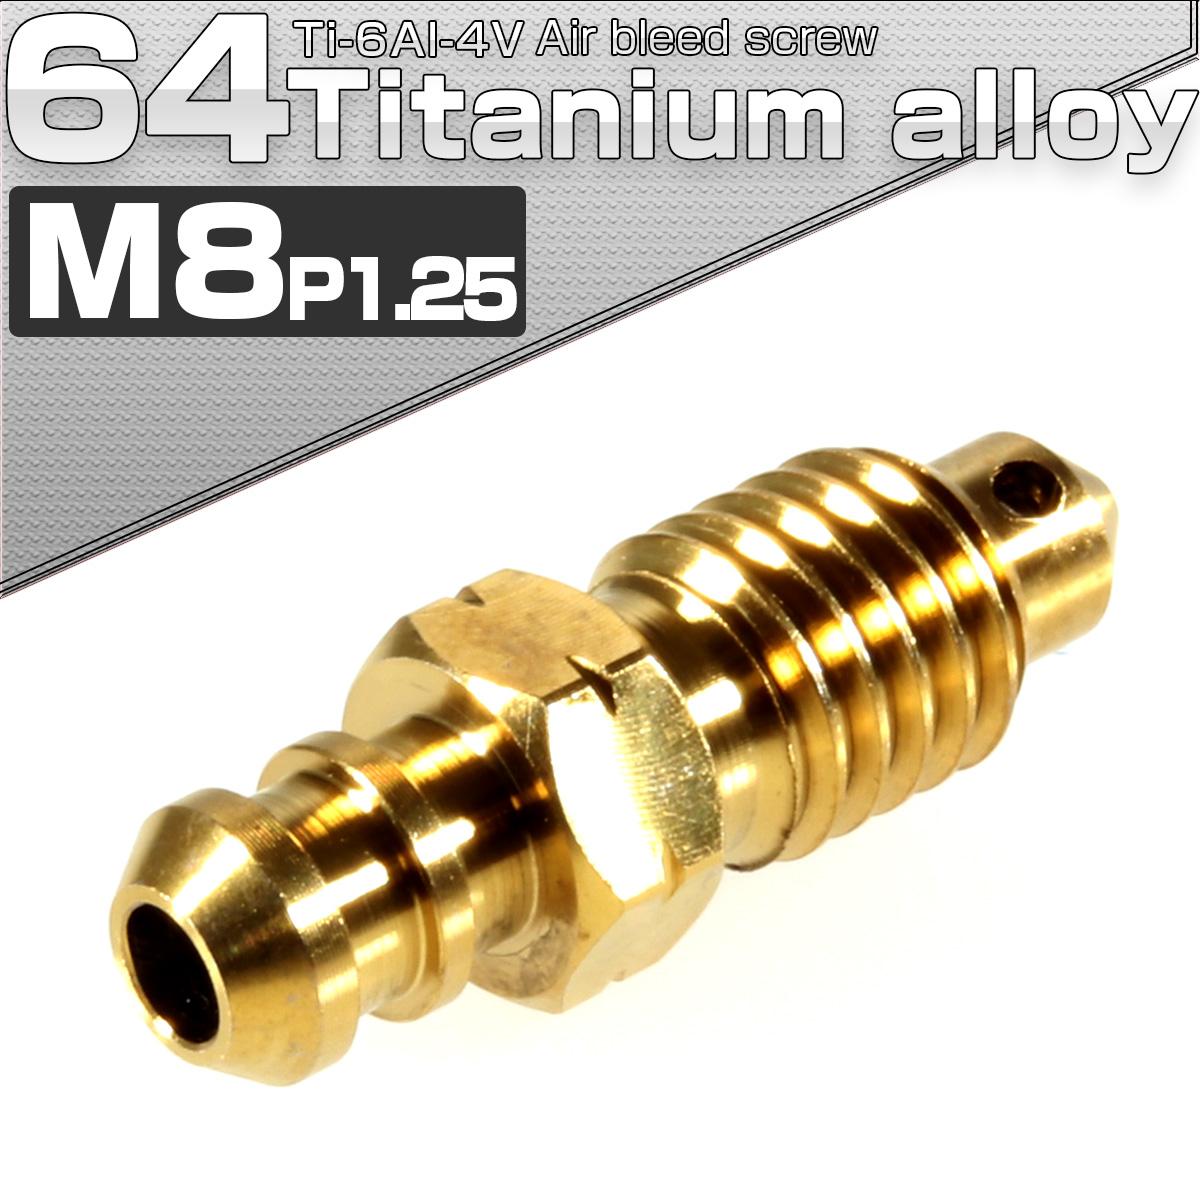 64チタン エアブリード スクリュー M8 P1.25 ゴールド エアブリーダー バルブ JA086